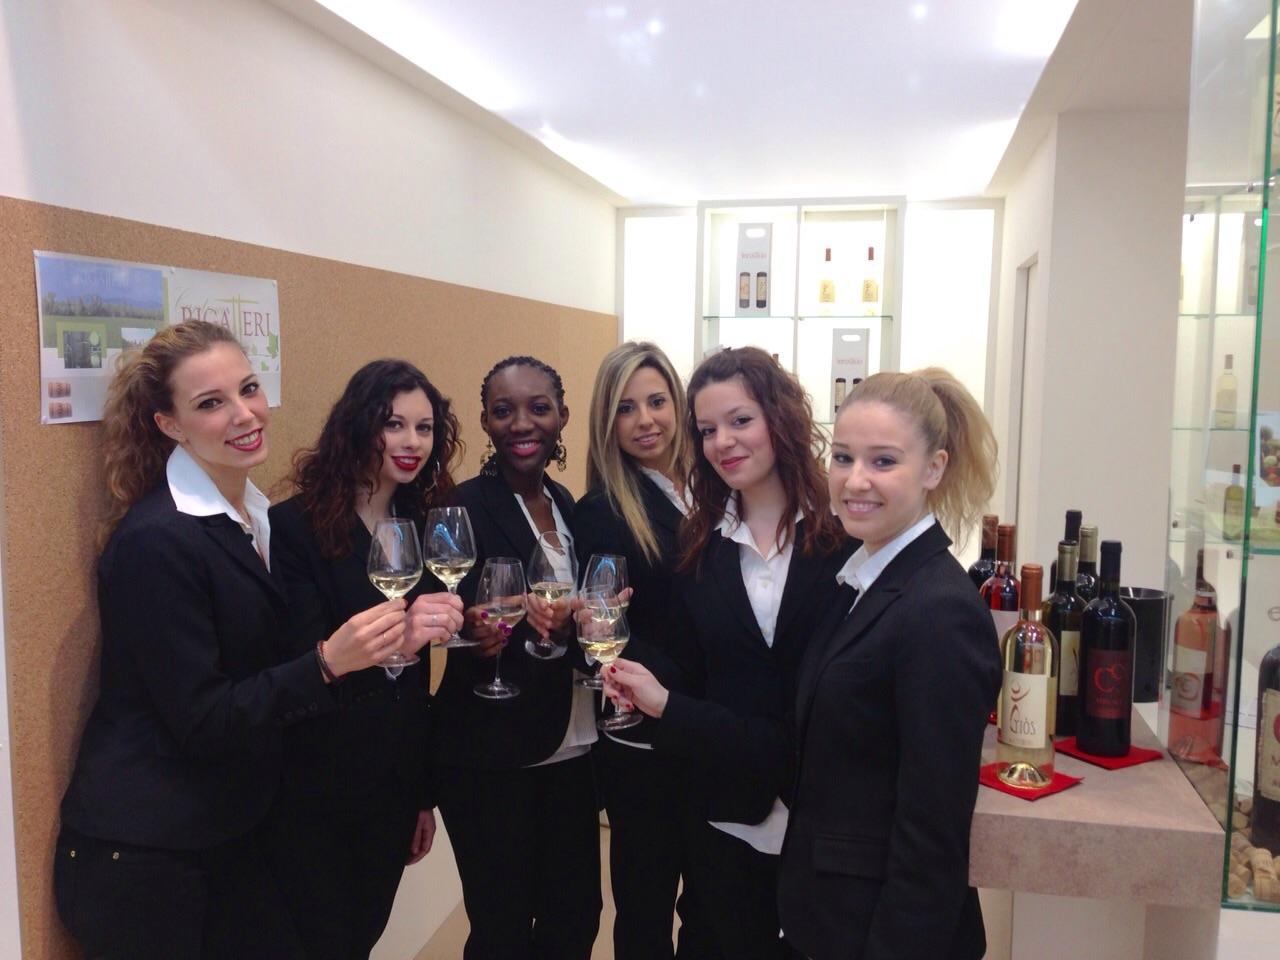 Hostess Per Guardaroba.Hostess In Fiera La Sua Importanza Nel Business E Le Vendite